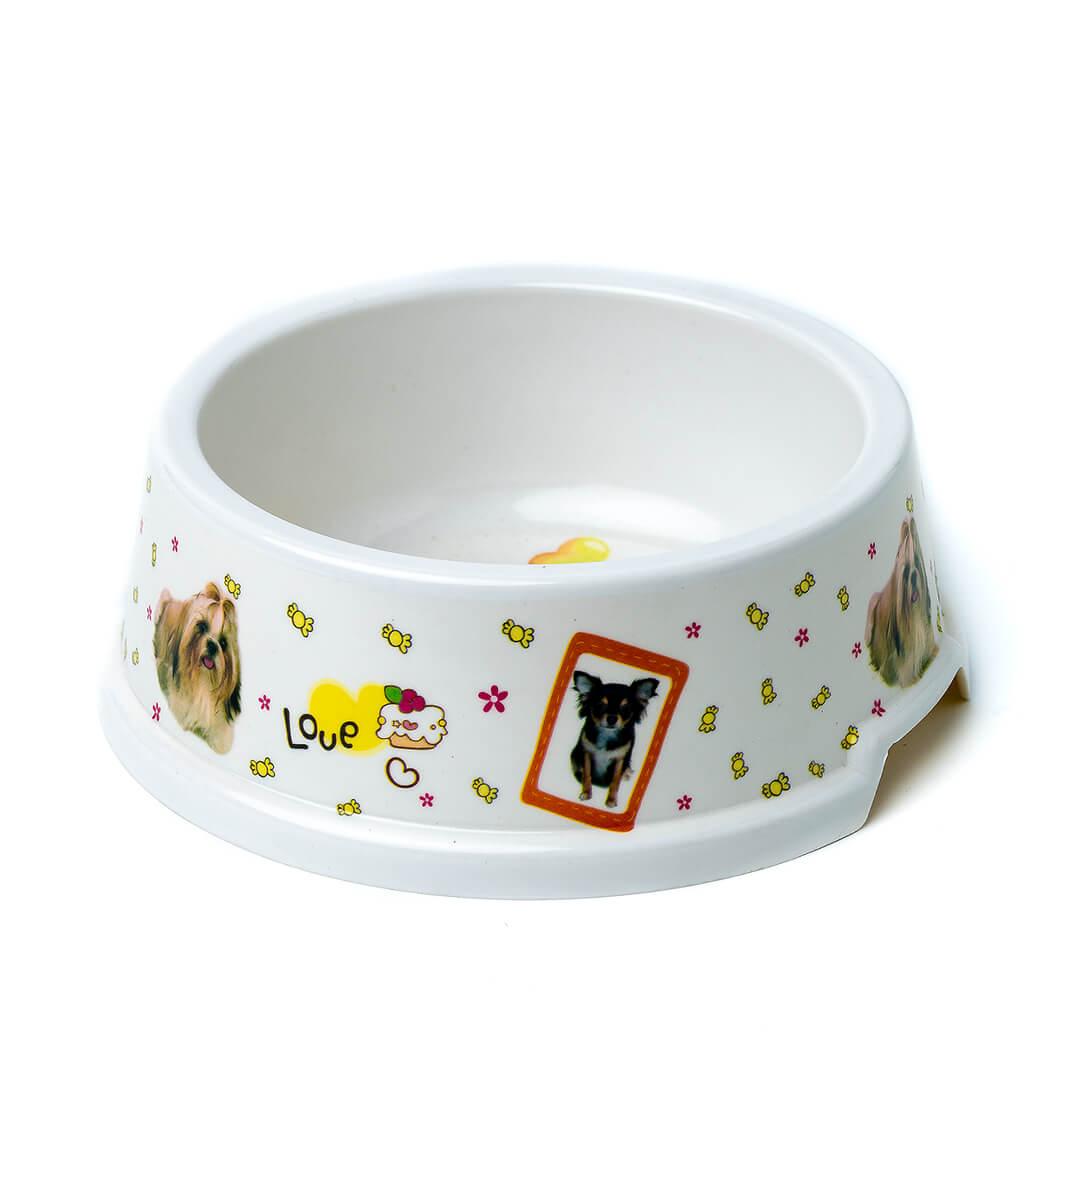 Миска для животных миламин 8701